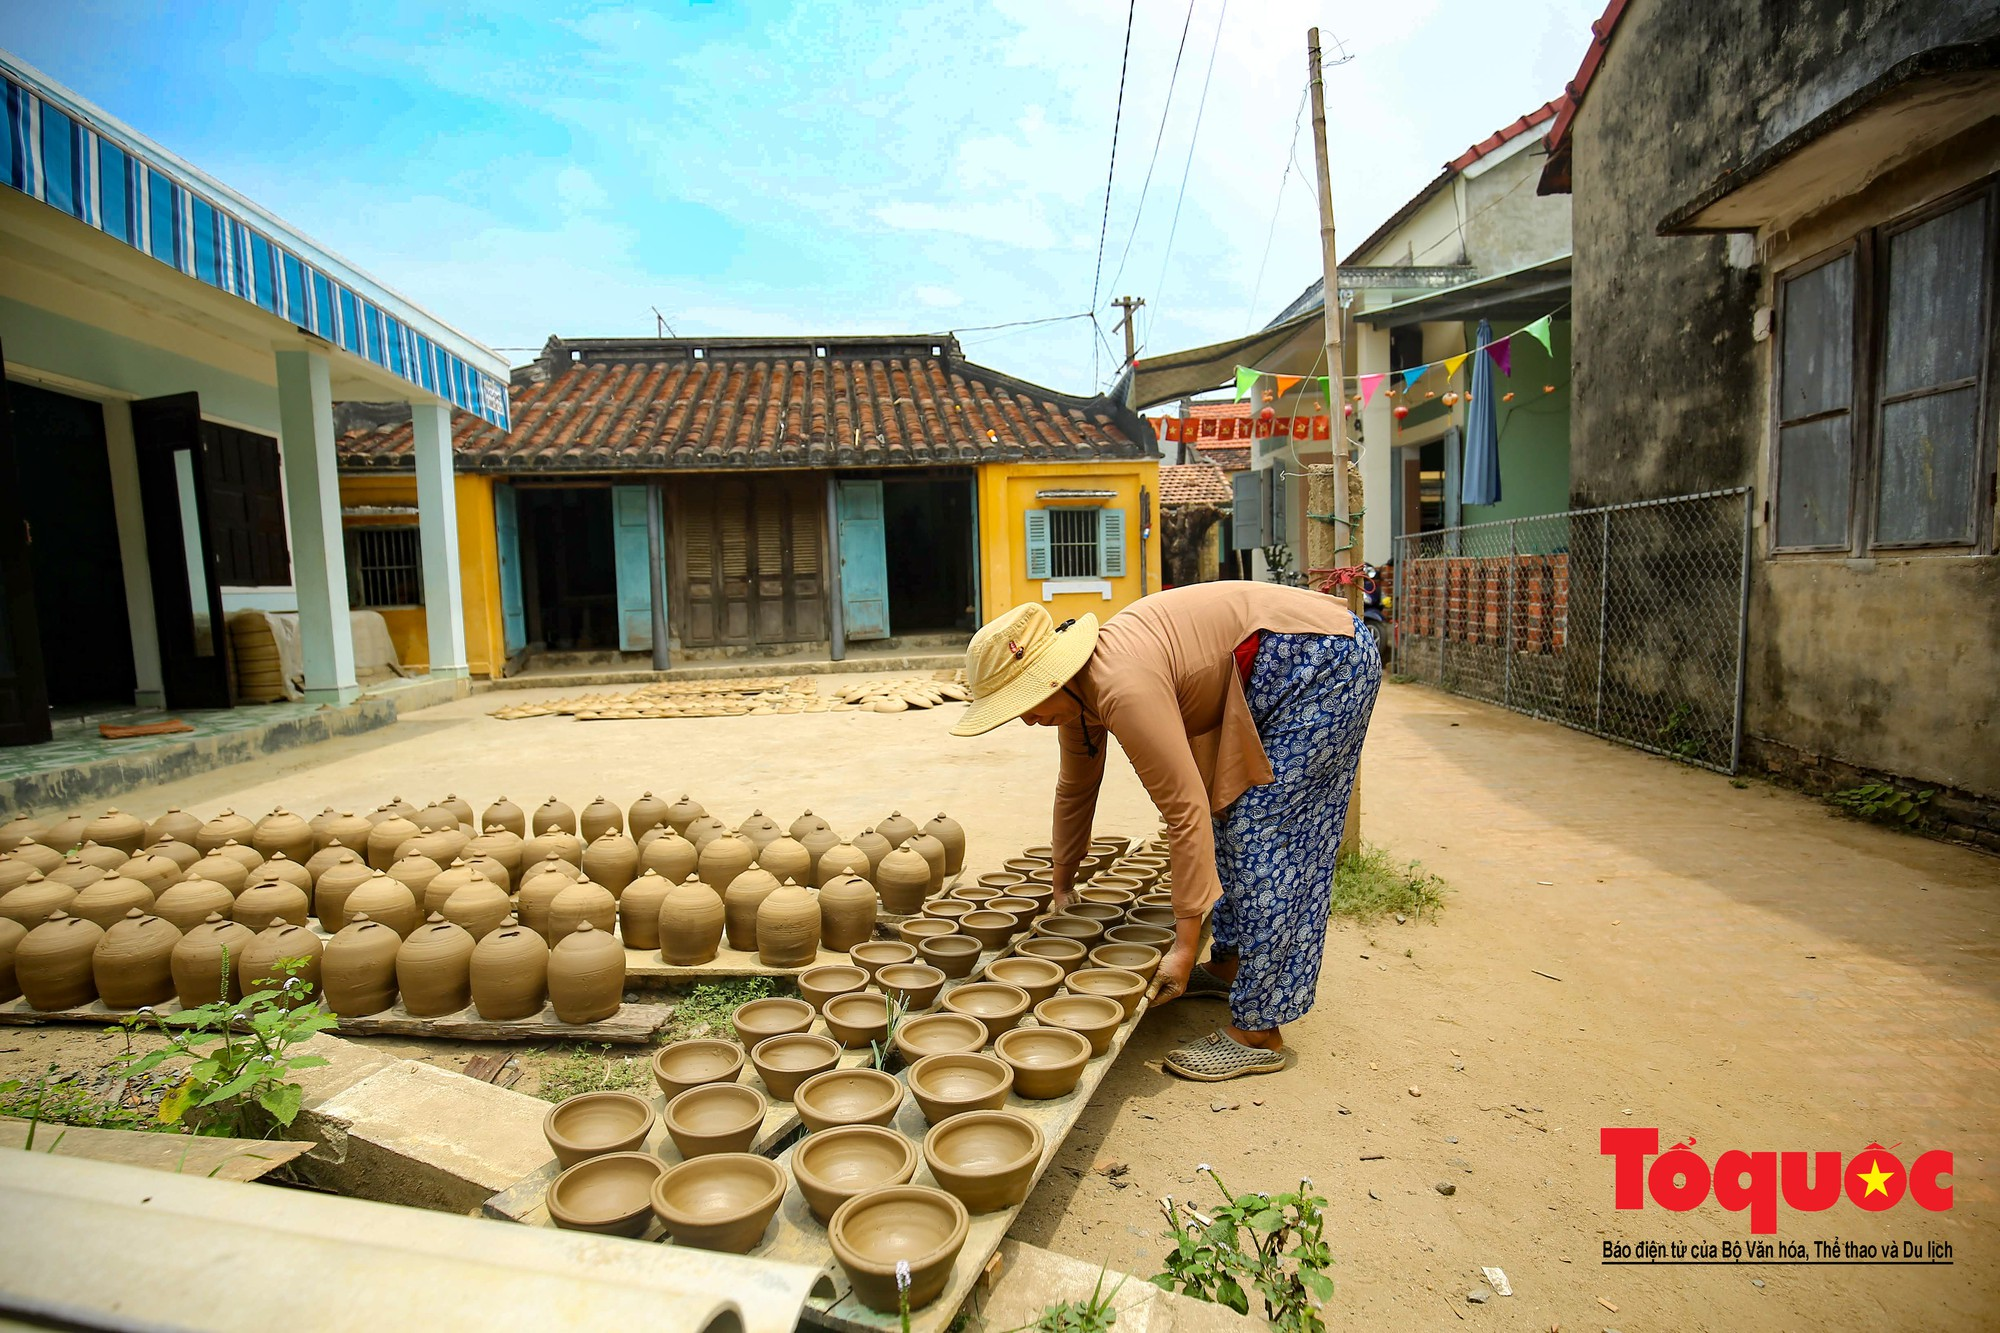 Vẻ đẹp trầm mặc của làng gốm gần nghìn năm tuổi bên dòng sông Thu Bồn15